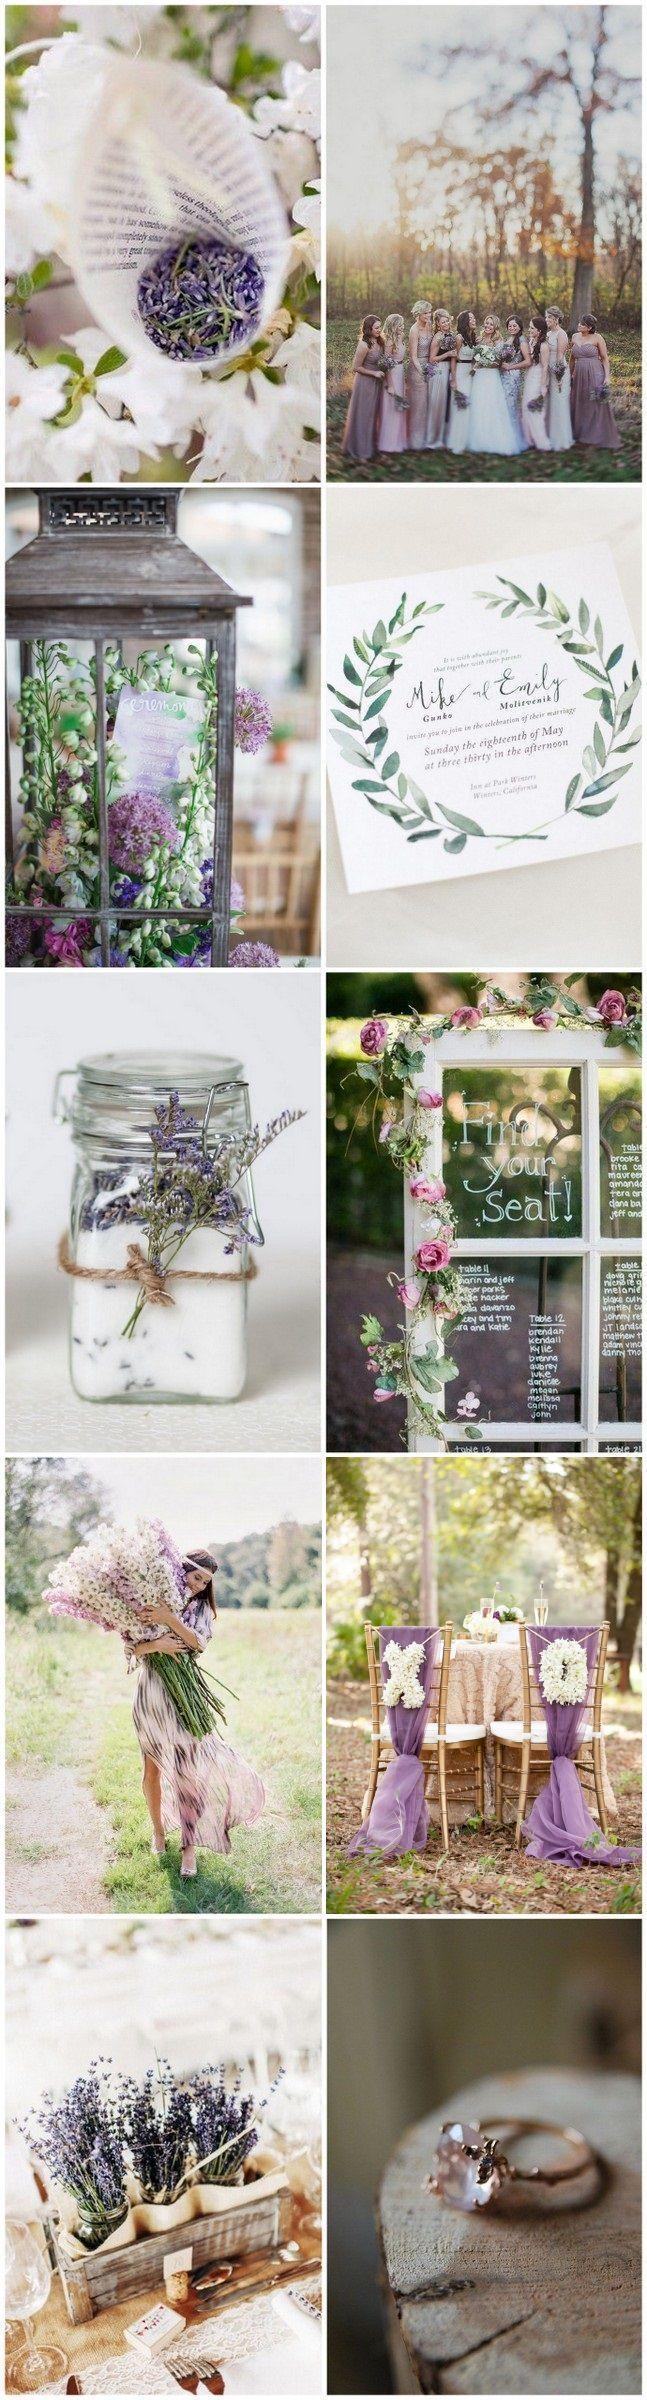 14082 mejores imágenes de Wedding Decoration en Pinterest | Eventos ...